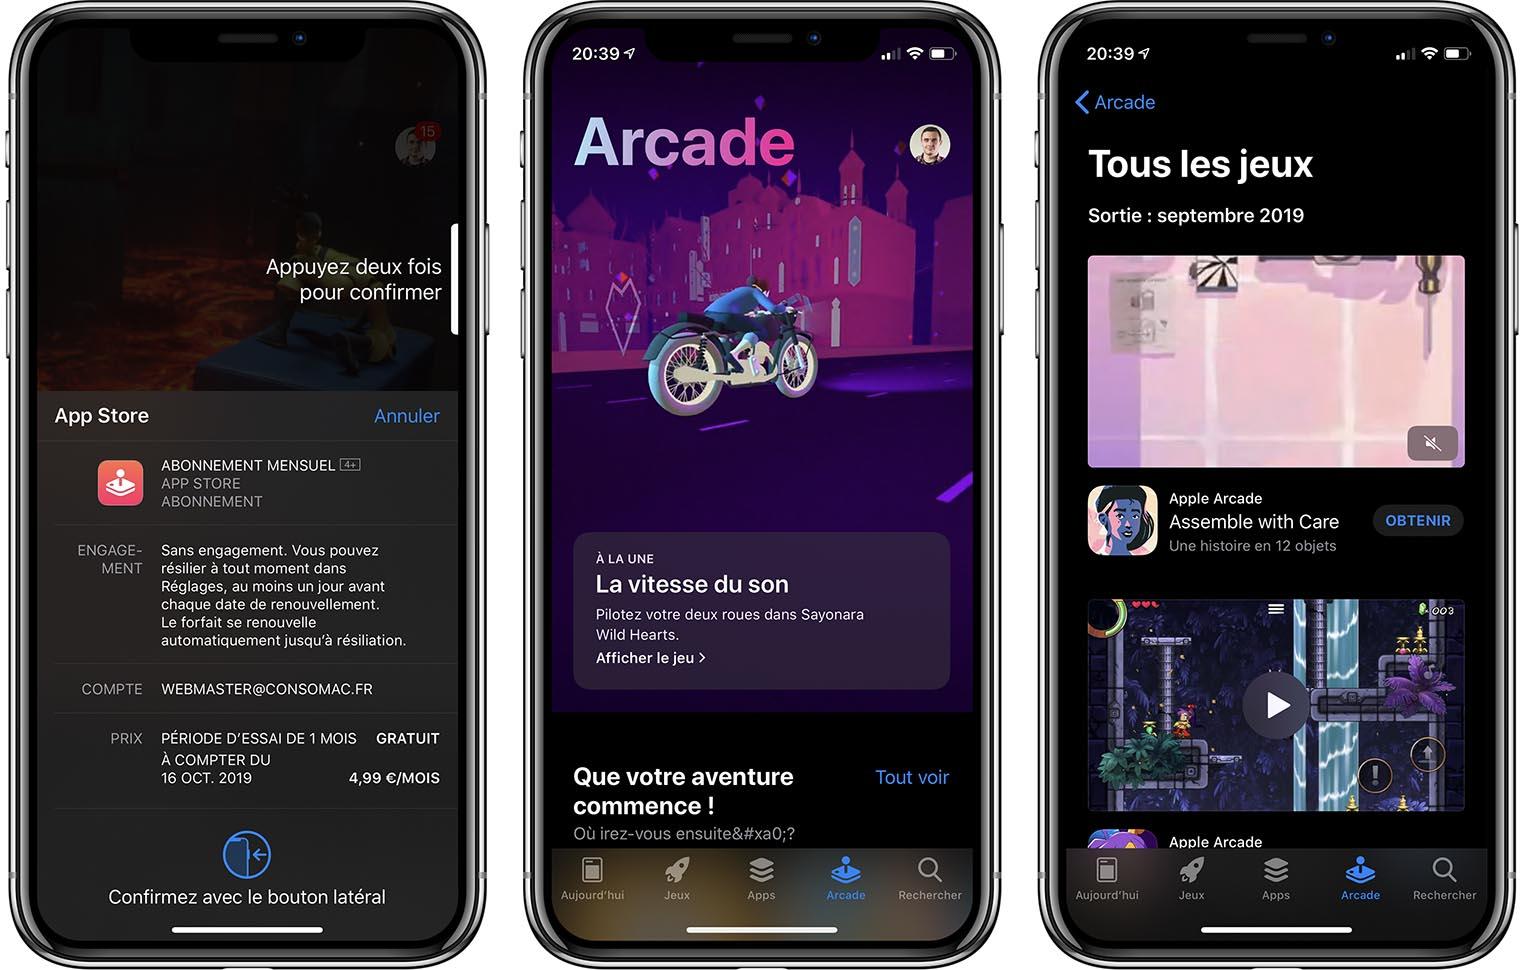 Apple Arcade iOS 13